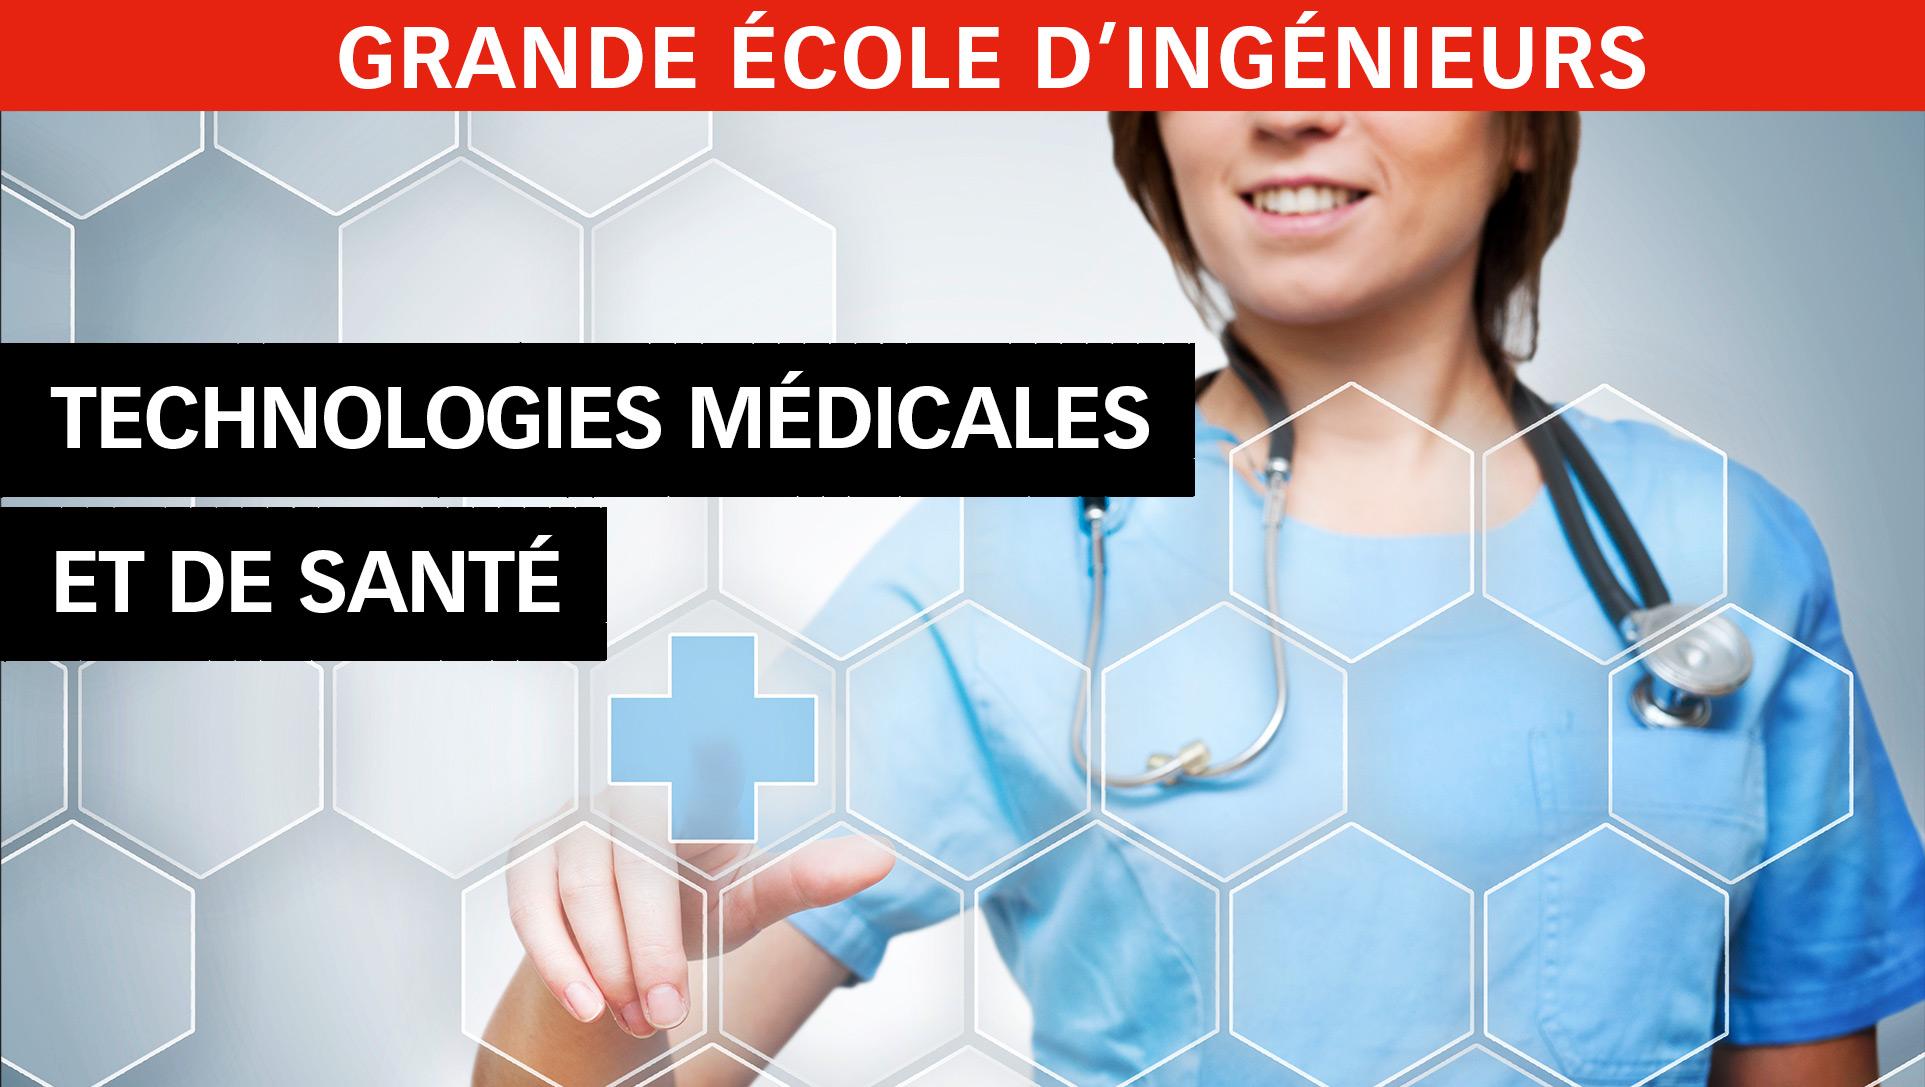 Ingénieur Technologies de santé